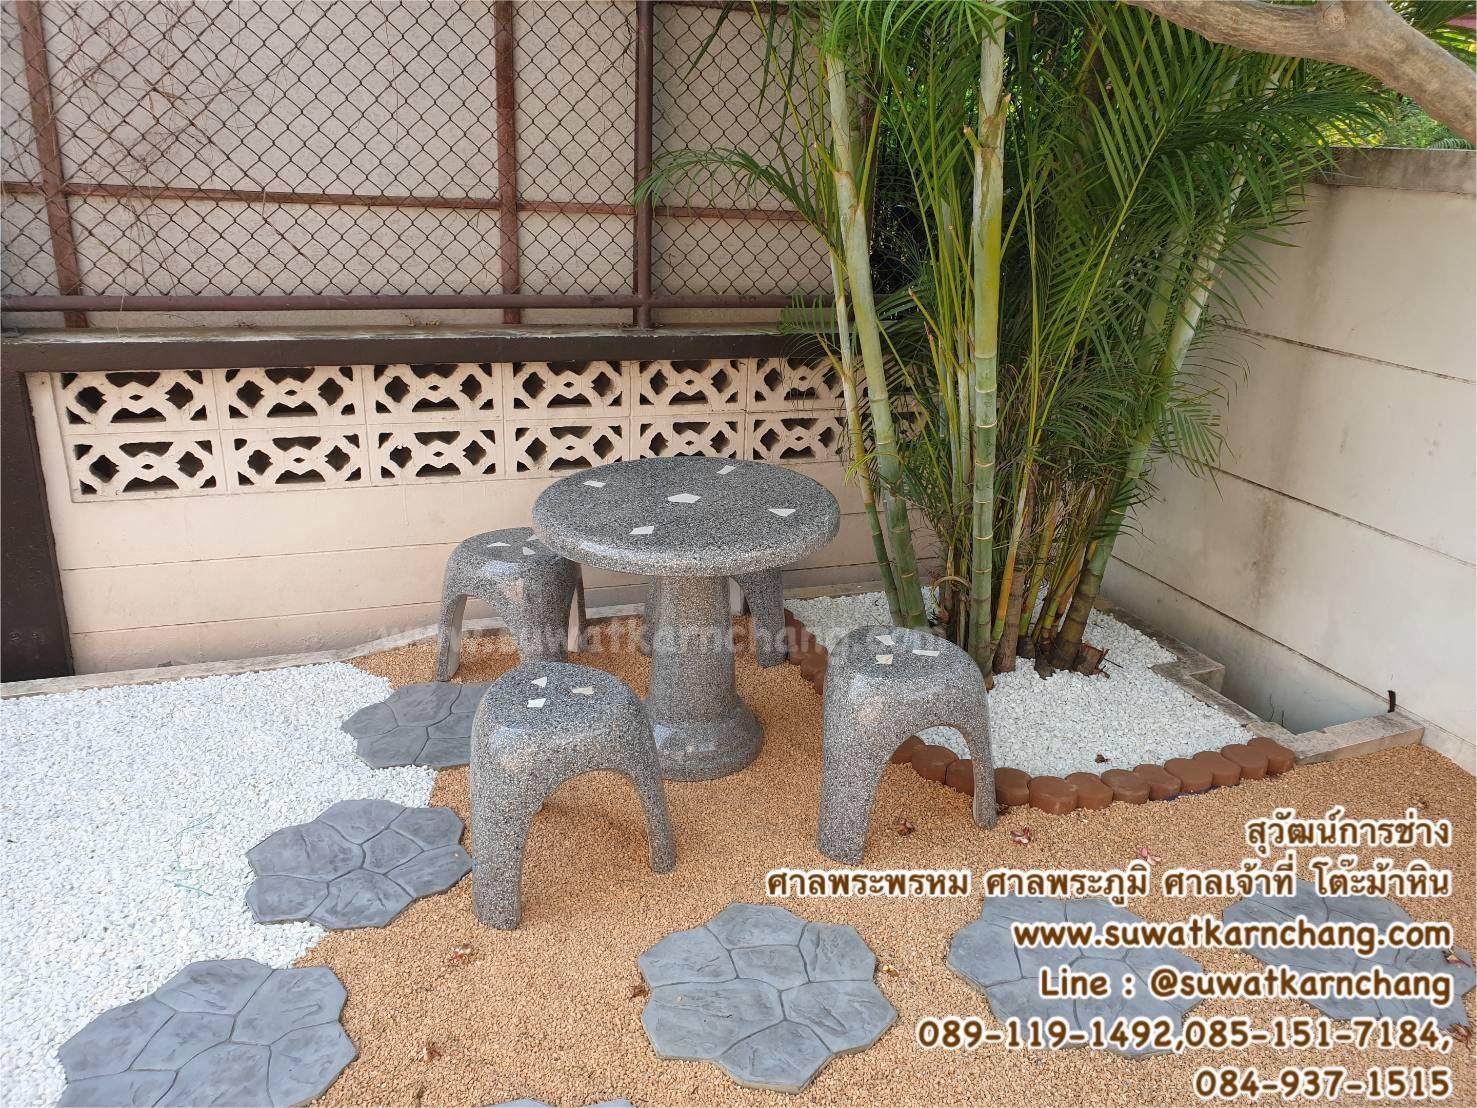 โต๊ะสามขาหินขัดสีเทา แบบมีหินแซม  งานเกรดเอ หน้า 74 ซม. ตัวนั่ง 4 ตัว  สุวัฒน์การช่าง